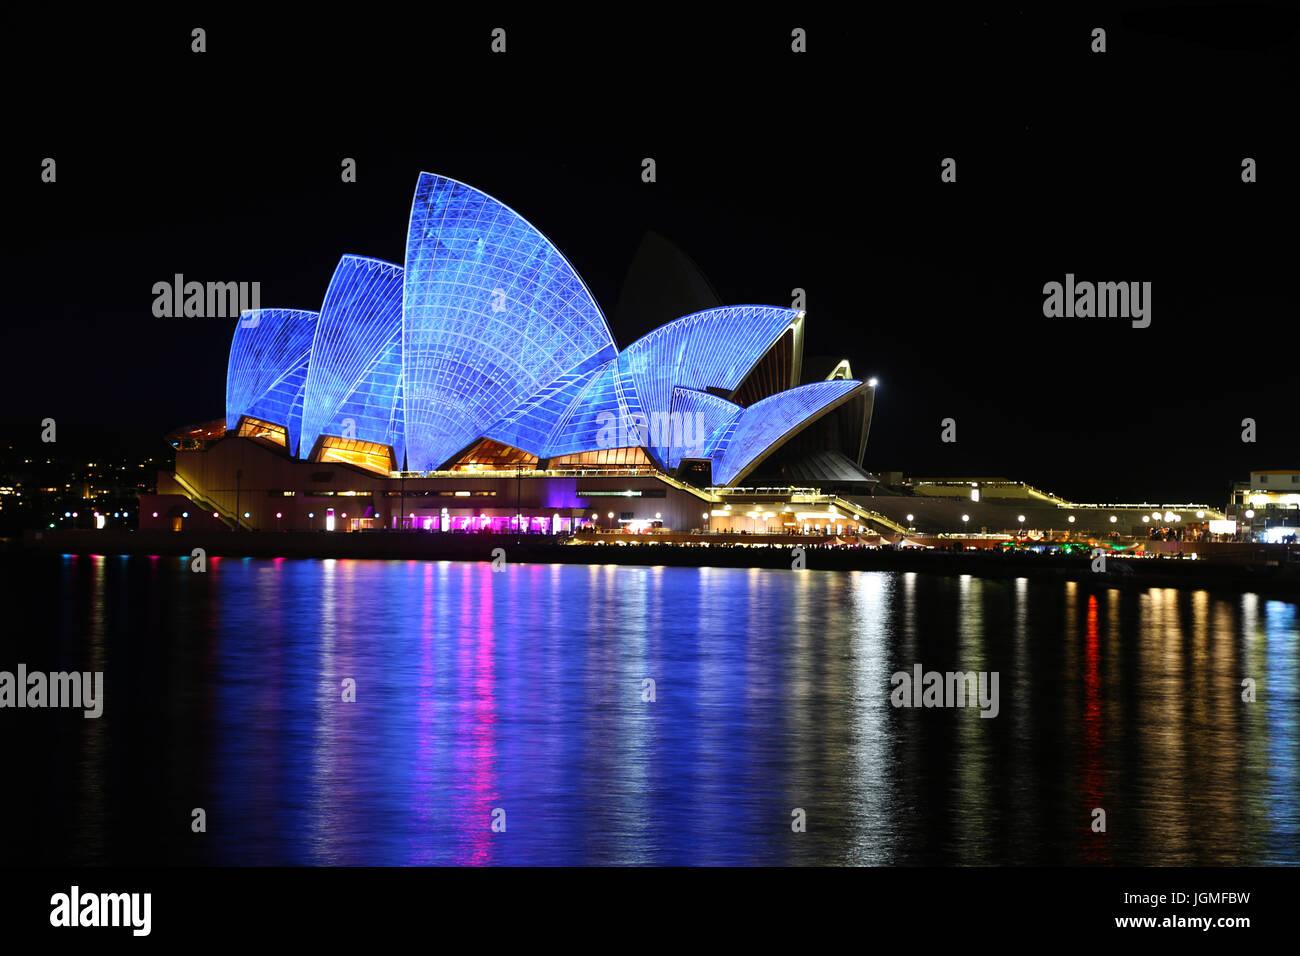 L'Australie, l'Opéra de Sydney la nuit Photo Photo Stock